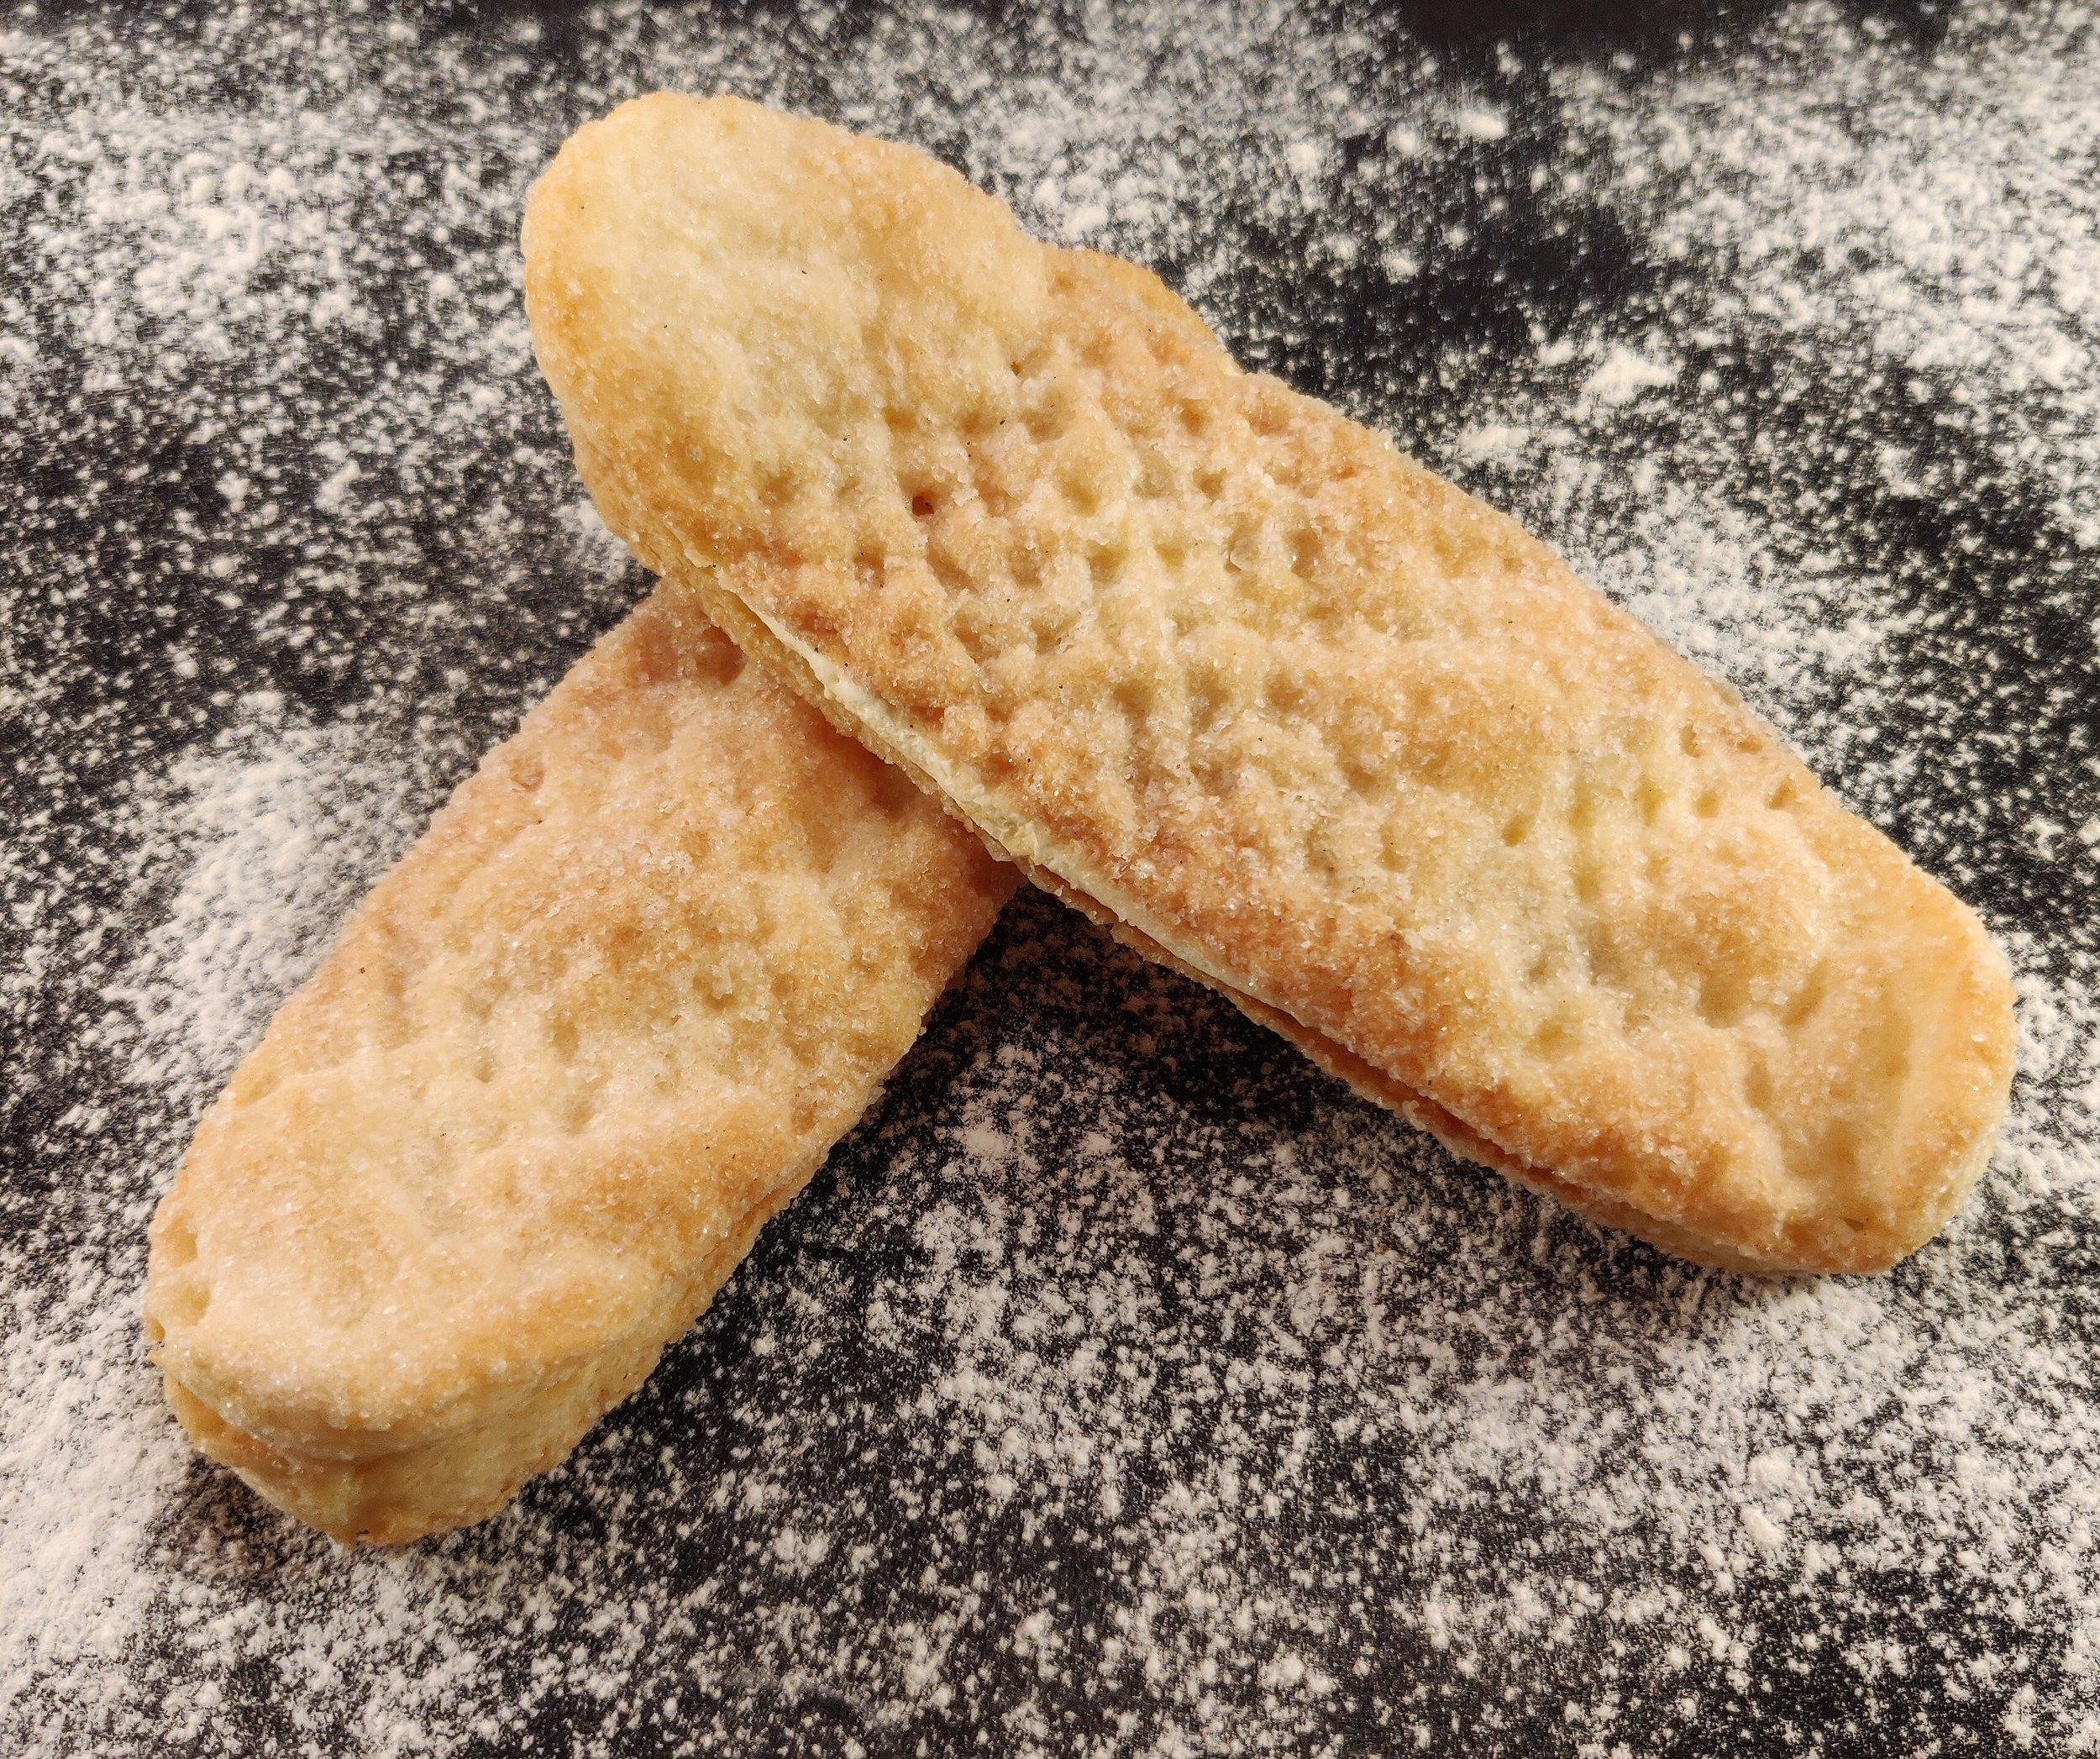 Våfflor av smördeg rullade i socker fyllda med smörkräm med lite arrak samk.